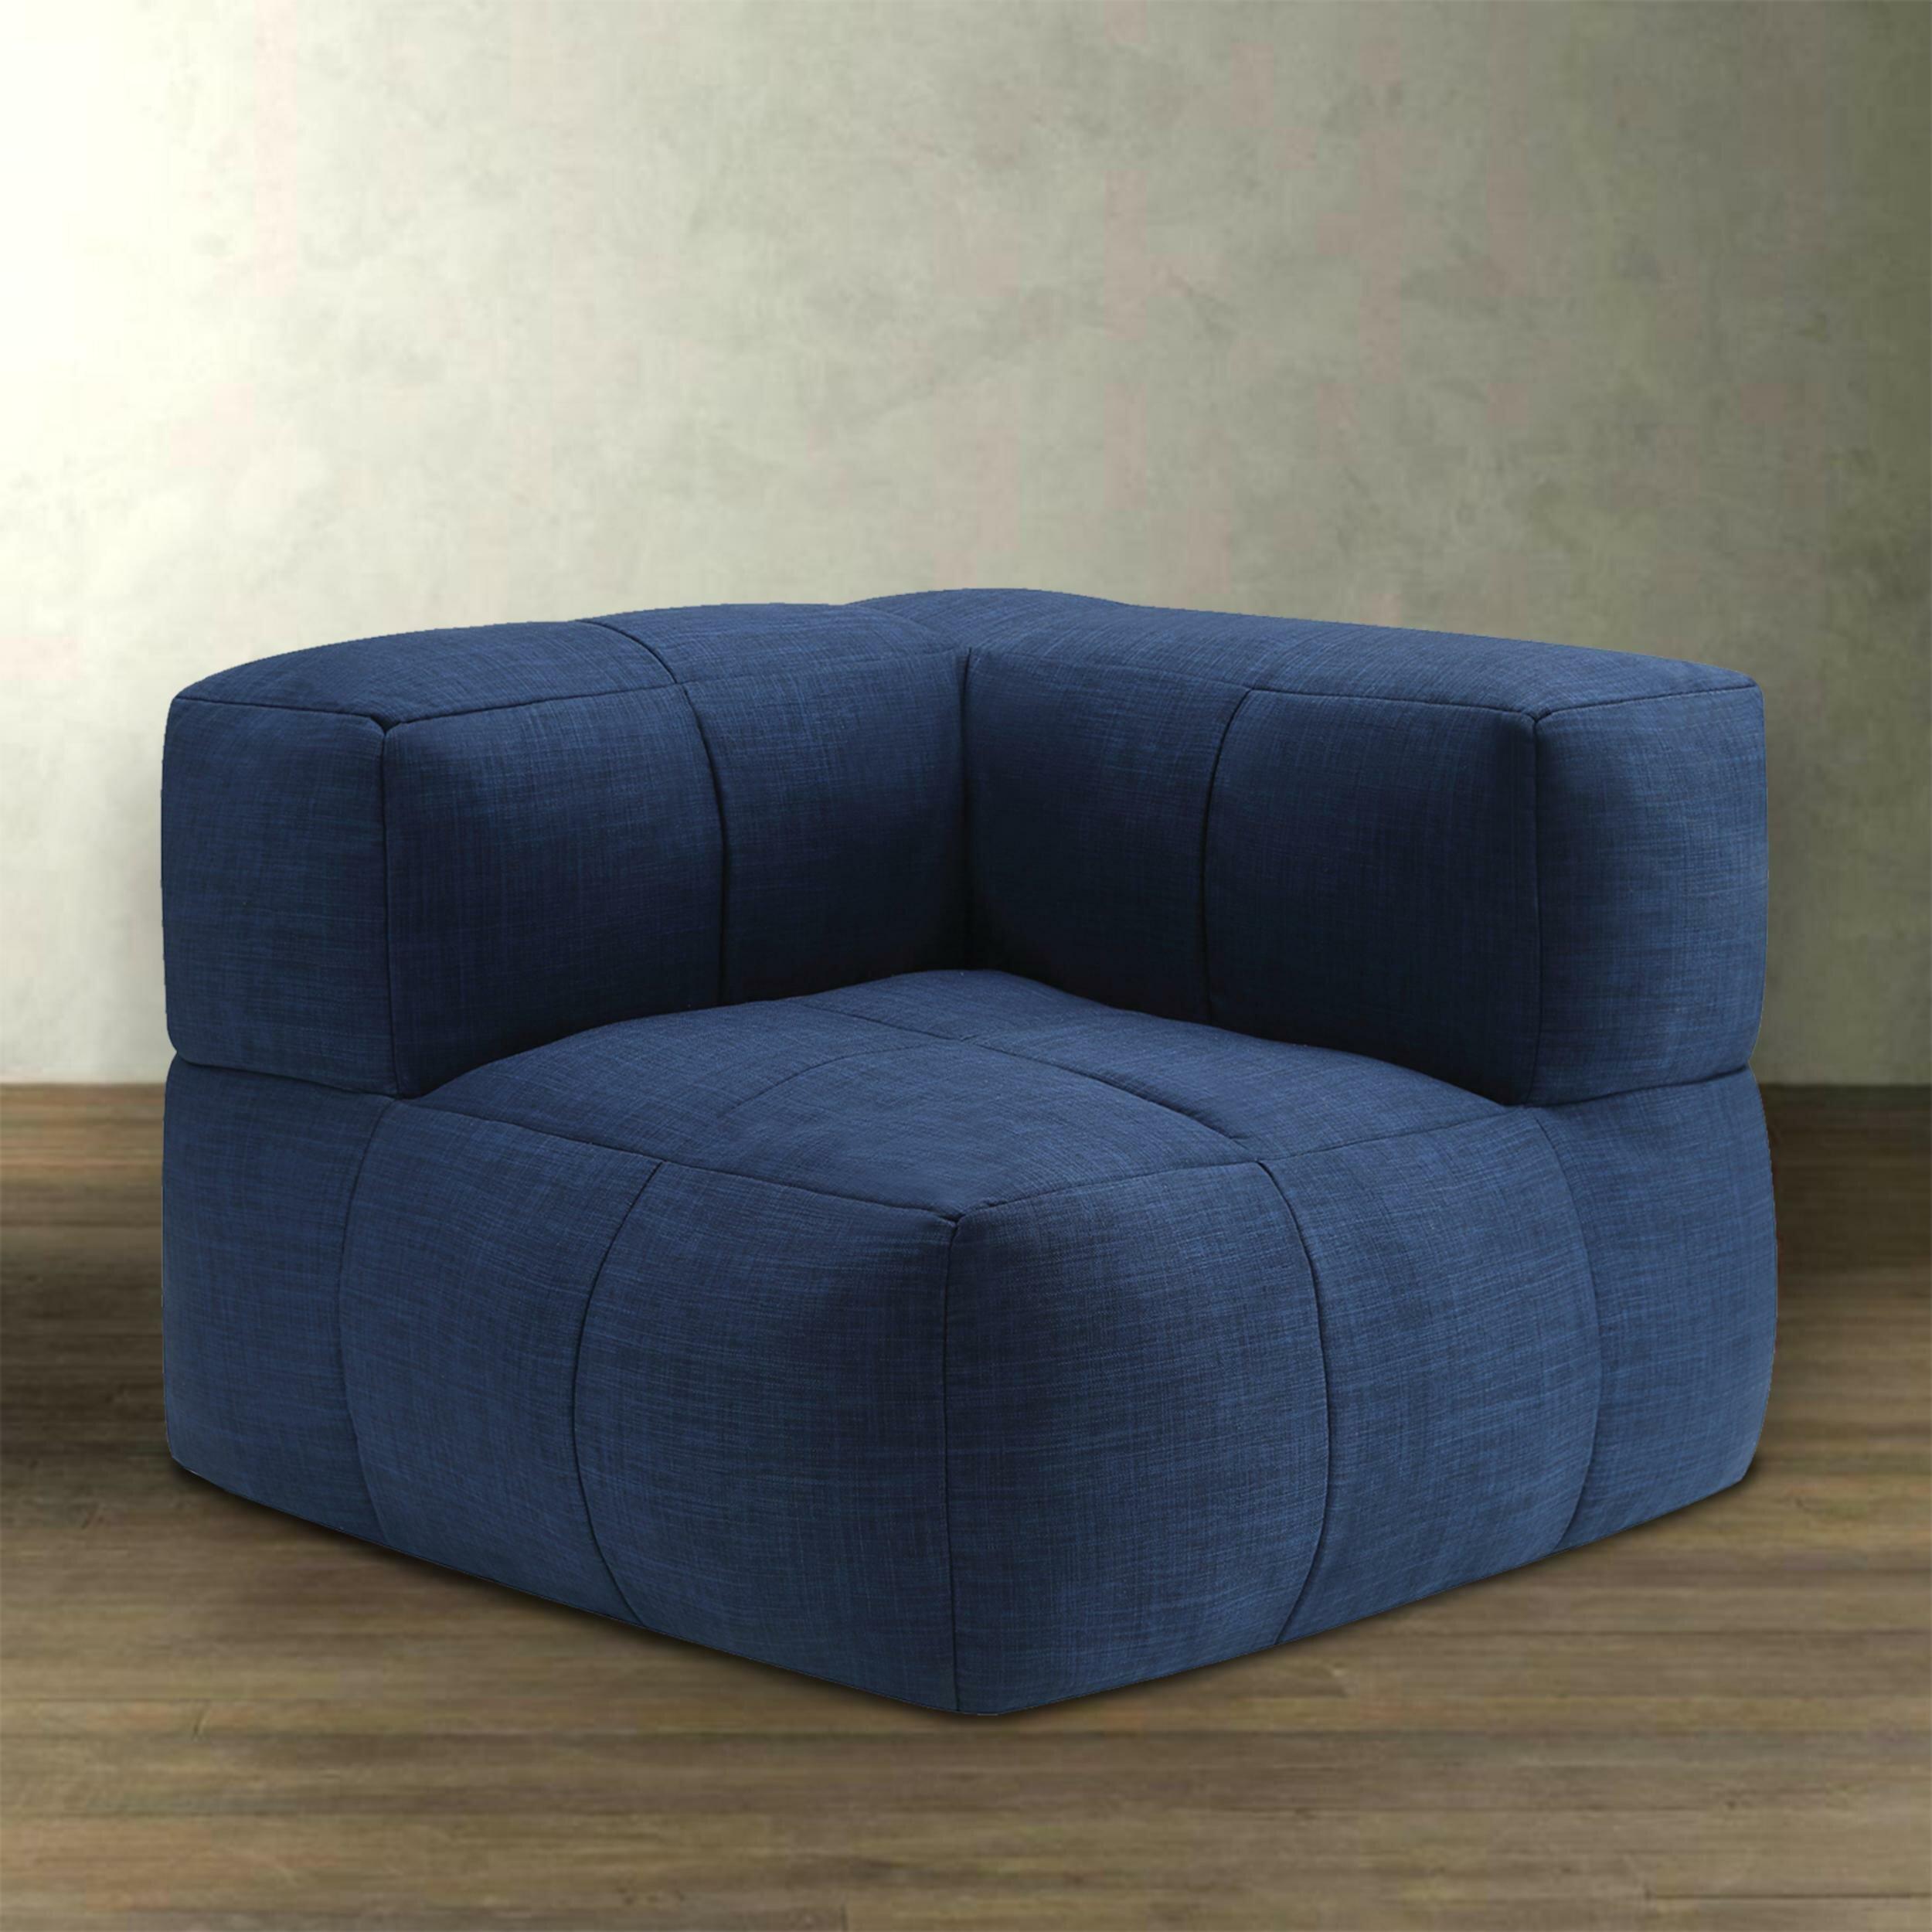 Terrific Latitude Run Comfortable Fabric And Foam Corner Medium Bean Ibusinesslaw Wood Chair Design Ideas Ibusinesslaworg